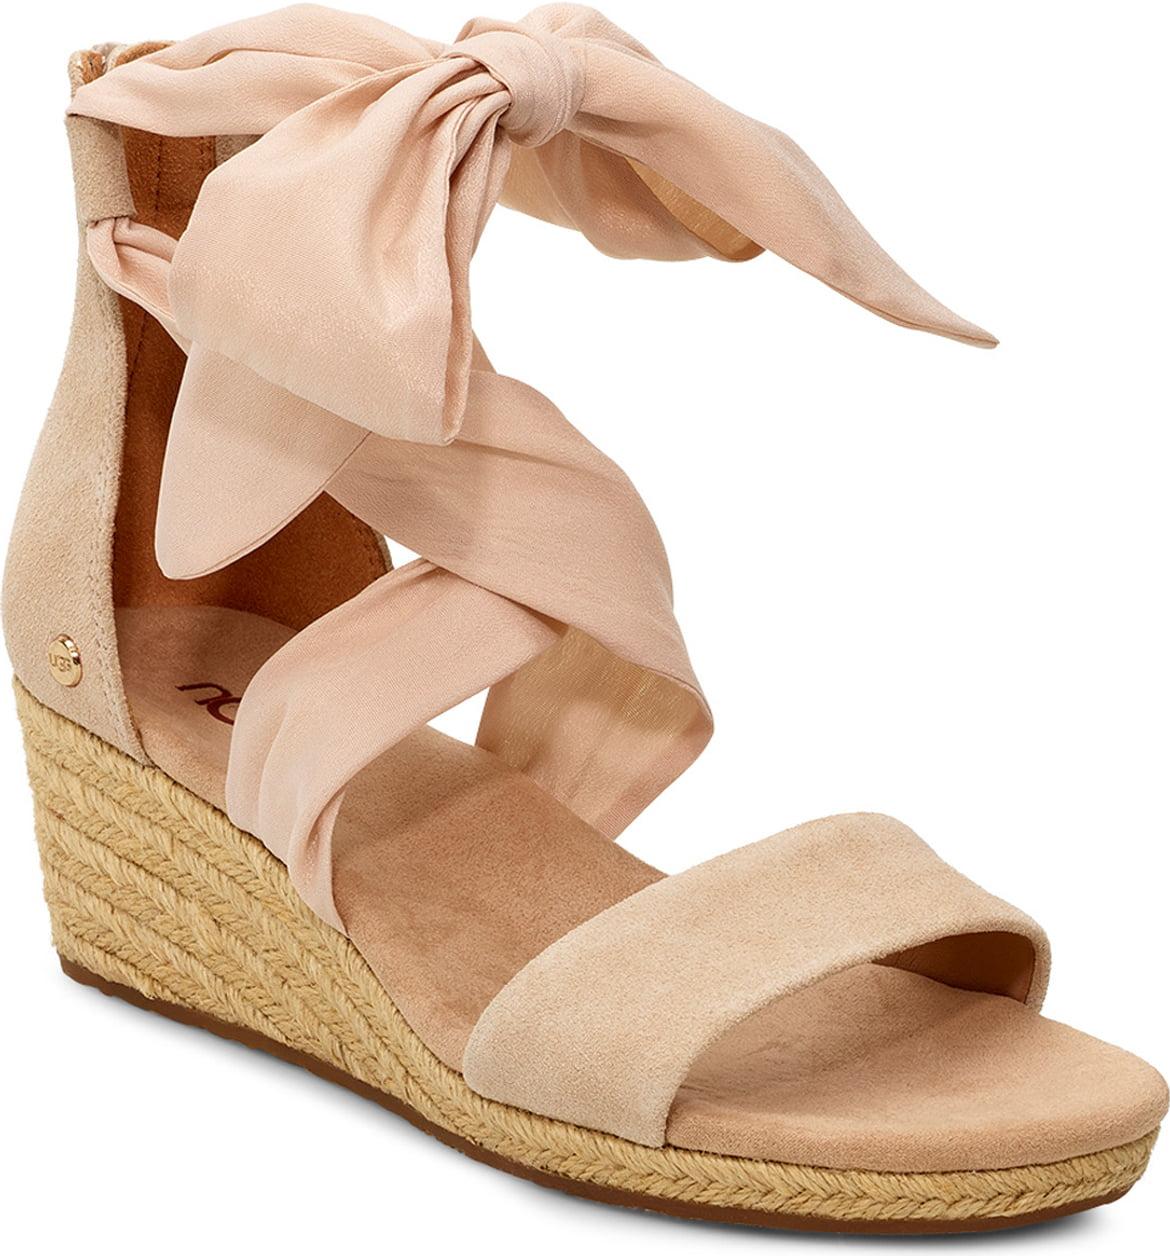 Trina Ankle Tie Wedge Sandal